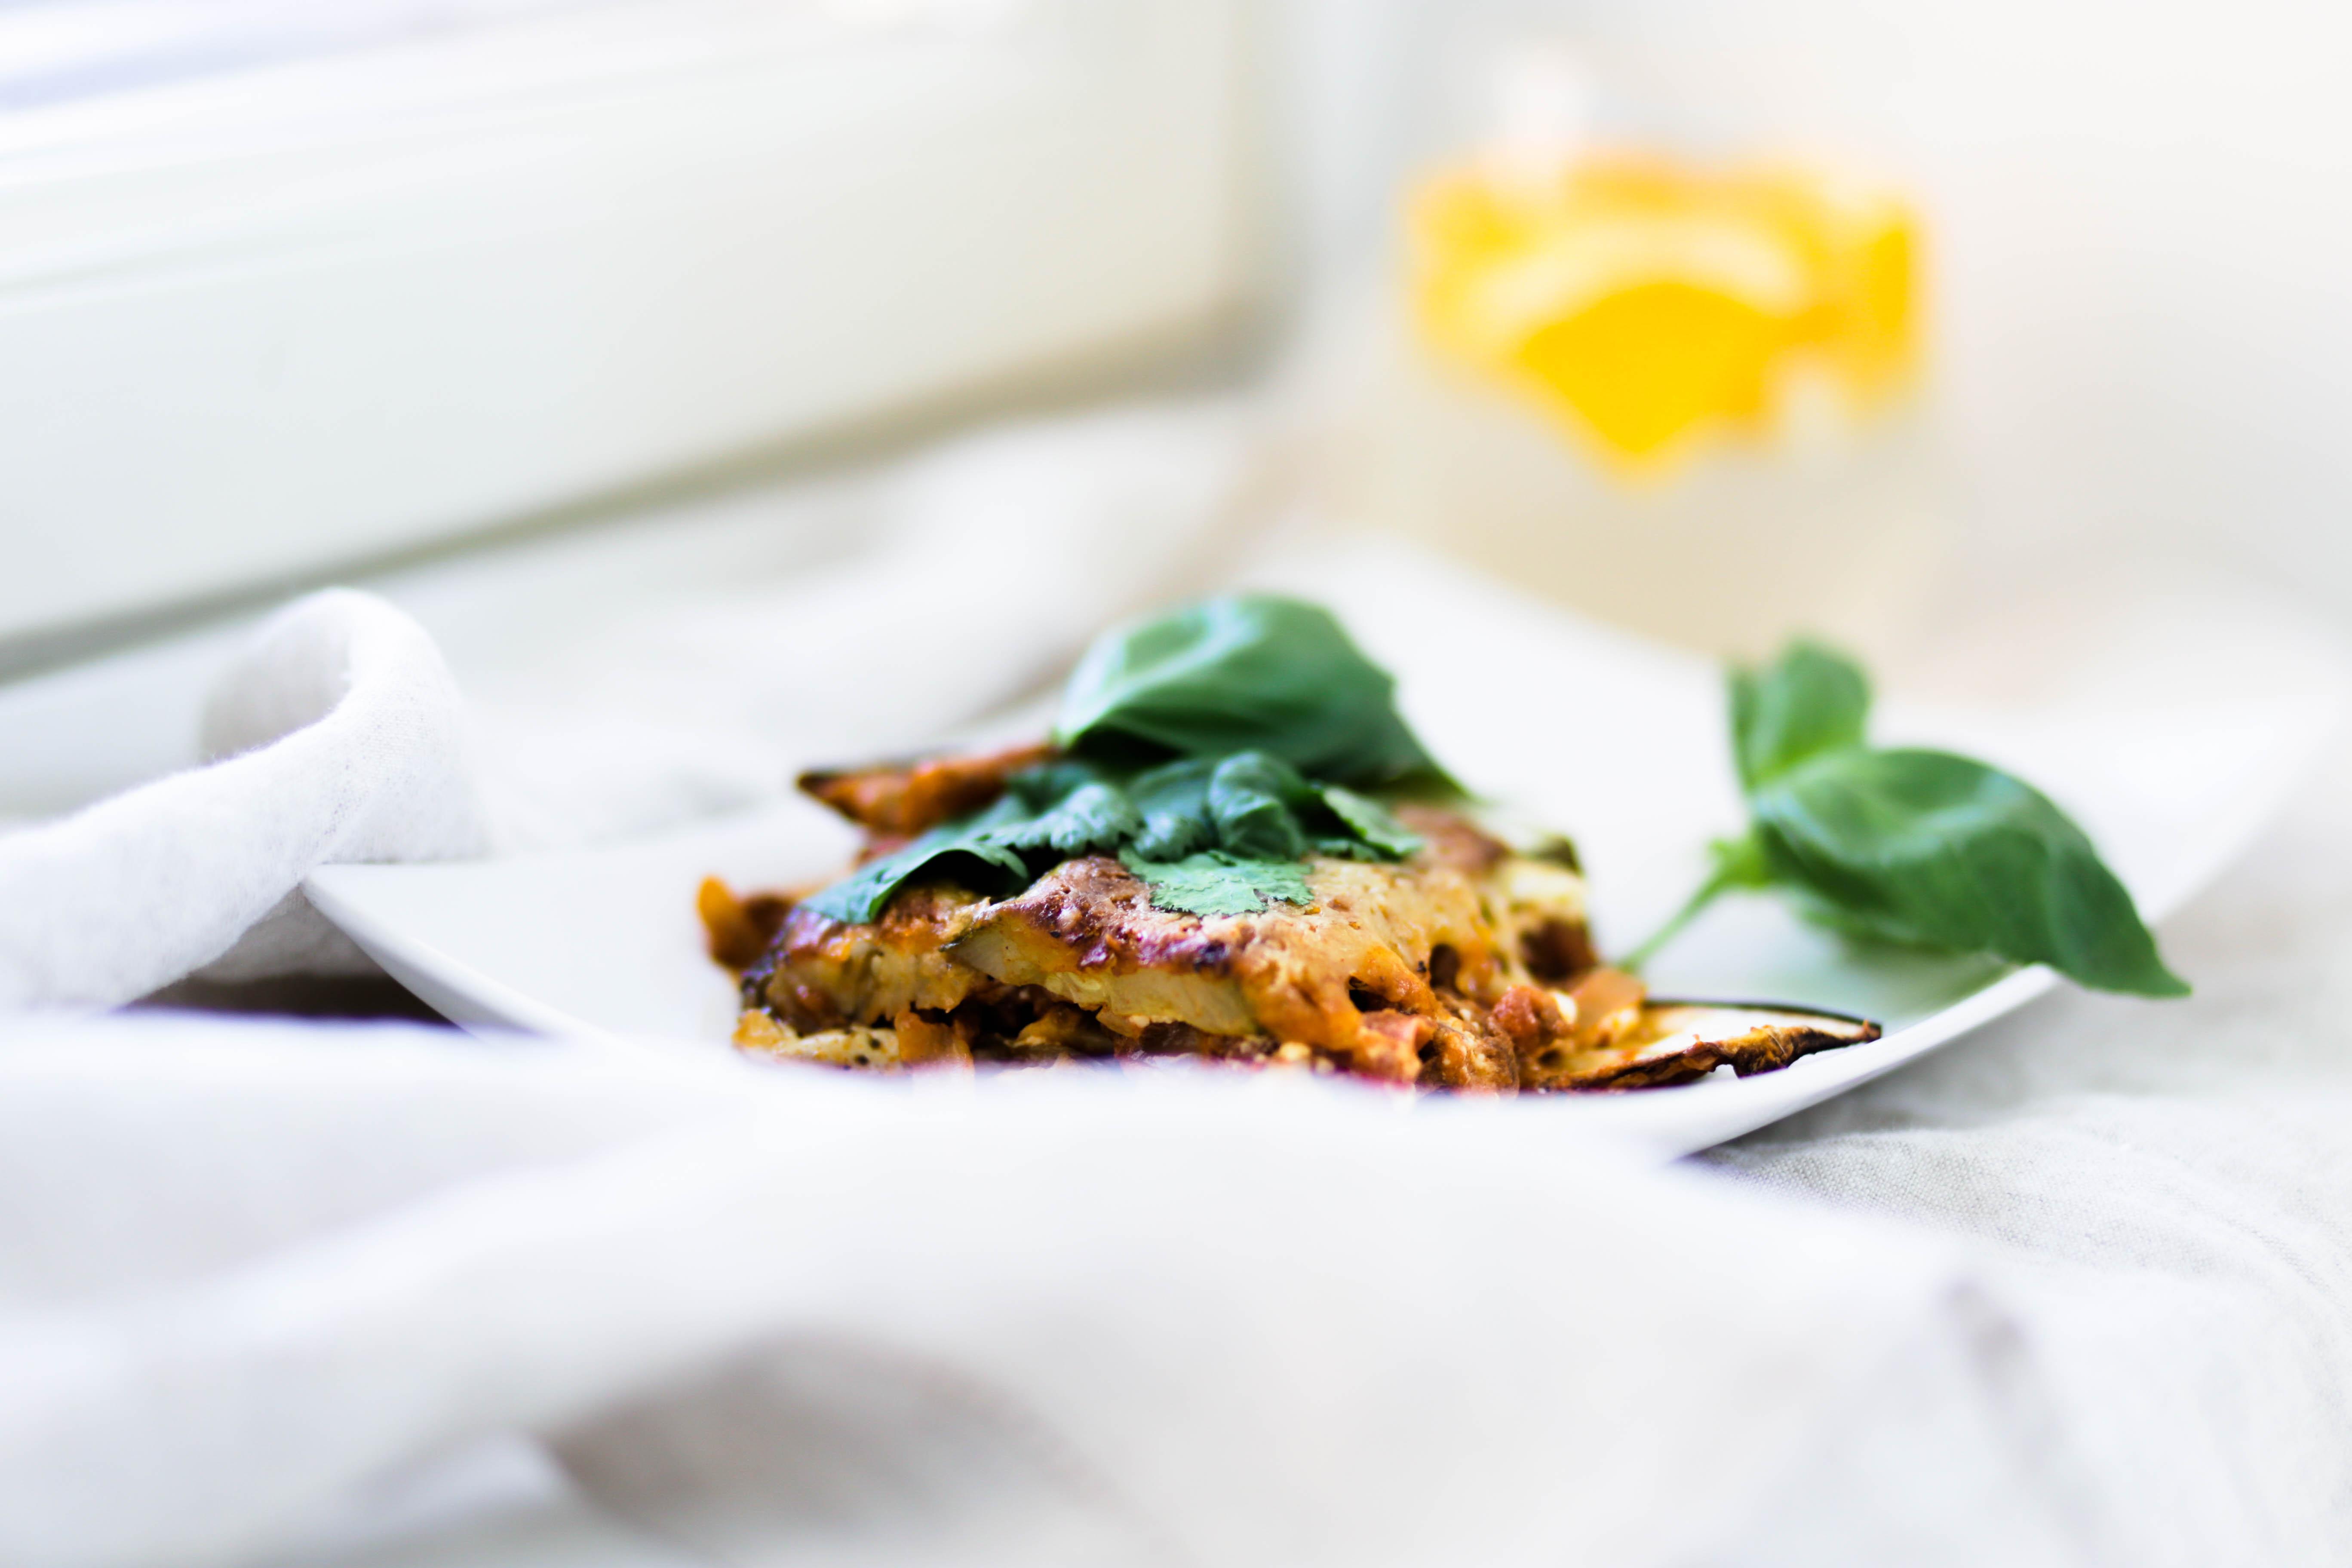 Terveellisempi variaatio lasagnesta